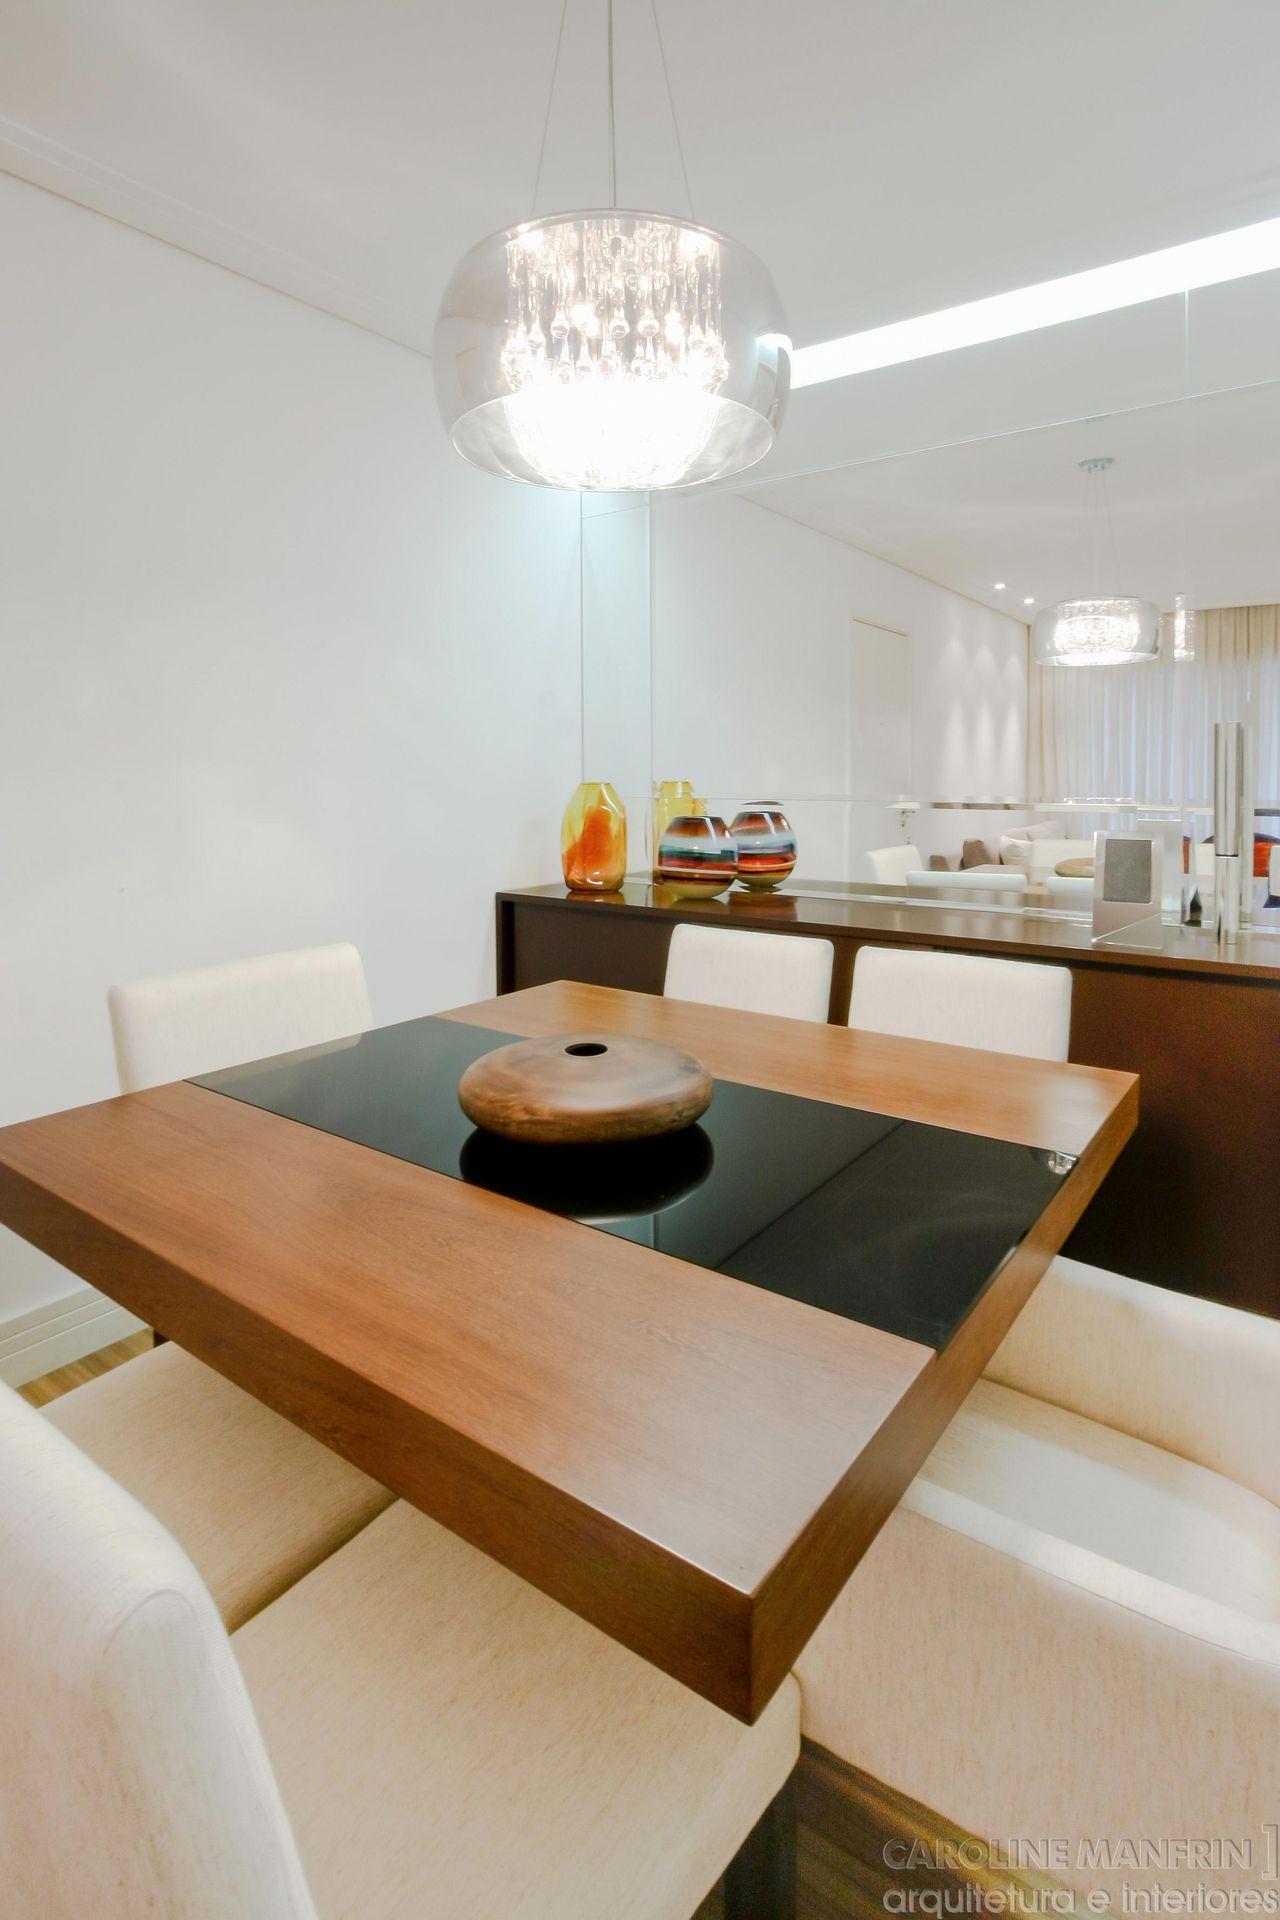 #C24309 decoração sala sala de jantar sala de jantar com mesa quadrada 1280x1920 píxeis em Decoração Sala De Jantar Mesa Quadrada